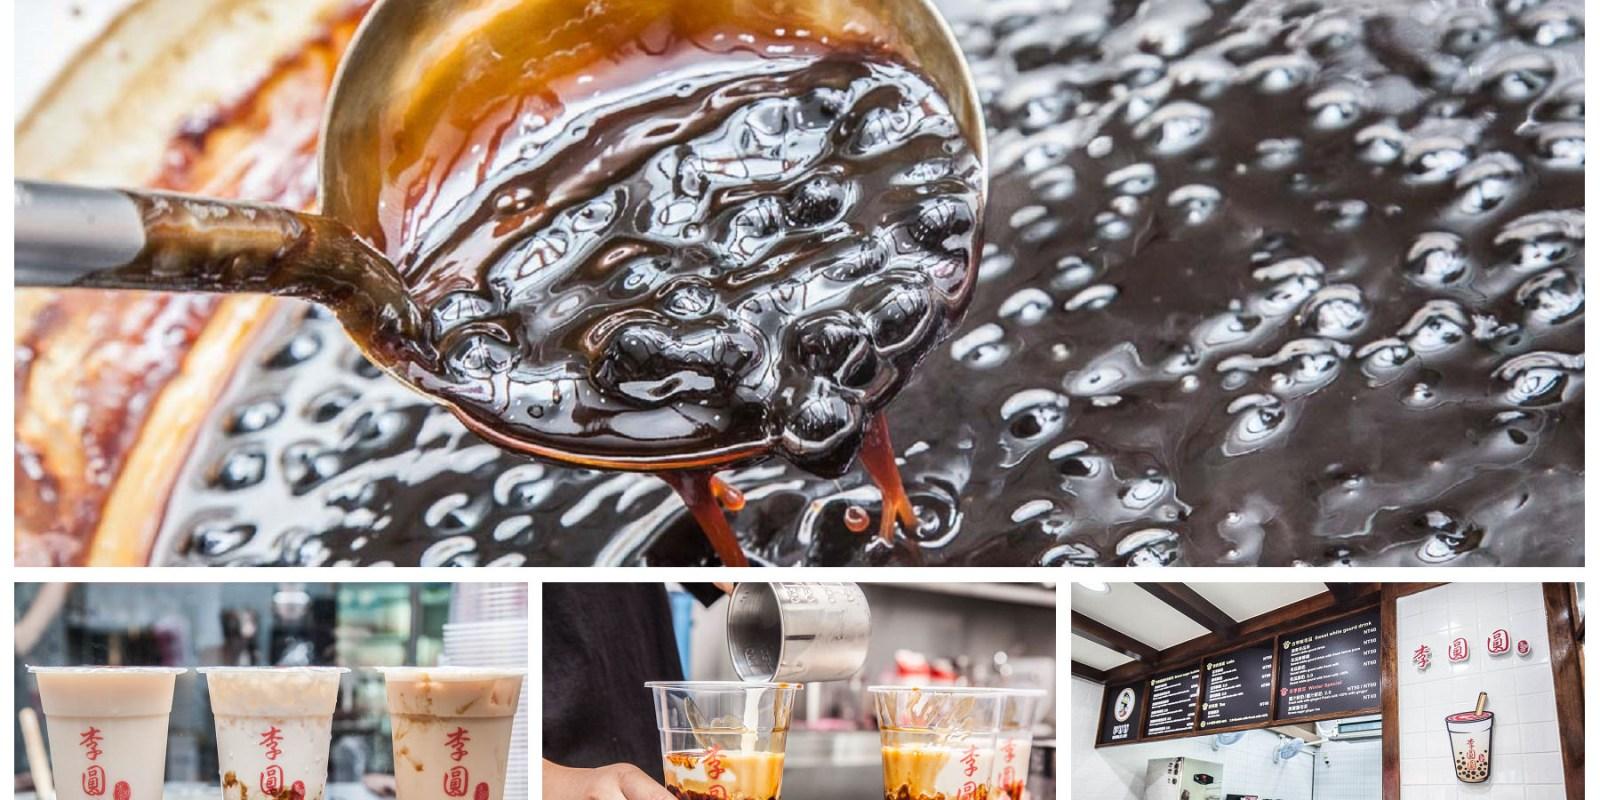 [新竹東區]超人氣黑糖珍珠鮮奶來了!插旗新竹,升級2.0版濃郁美味再升級!李圓圓Bubble Lee-新竹店